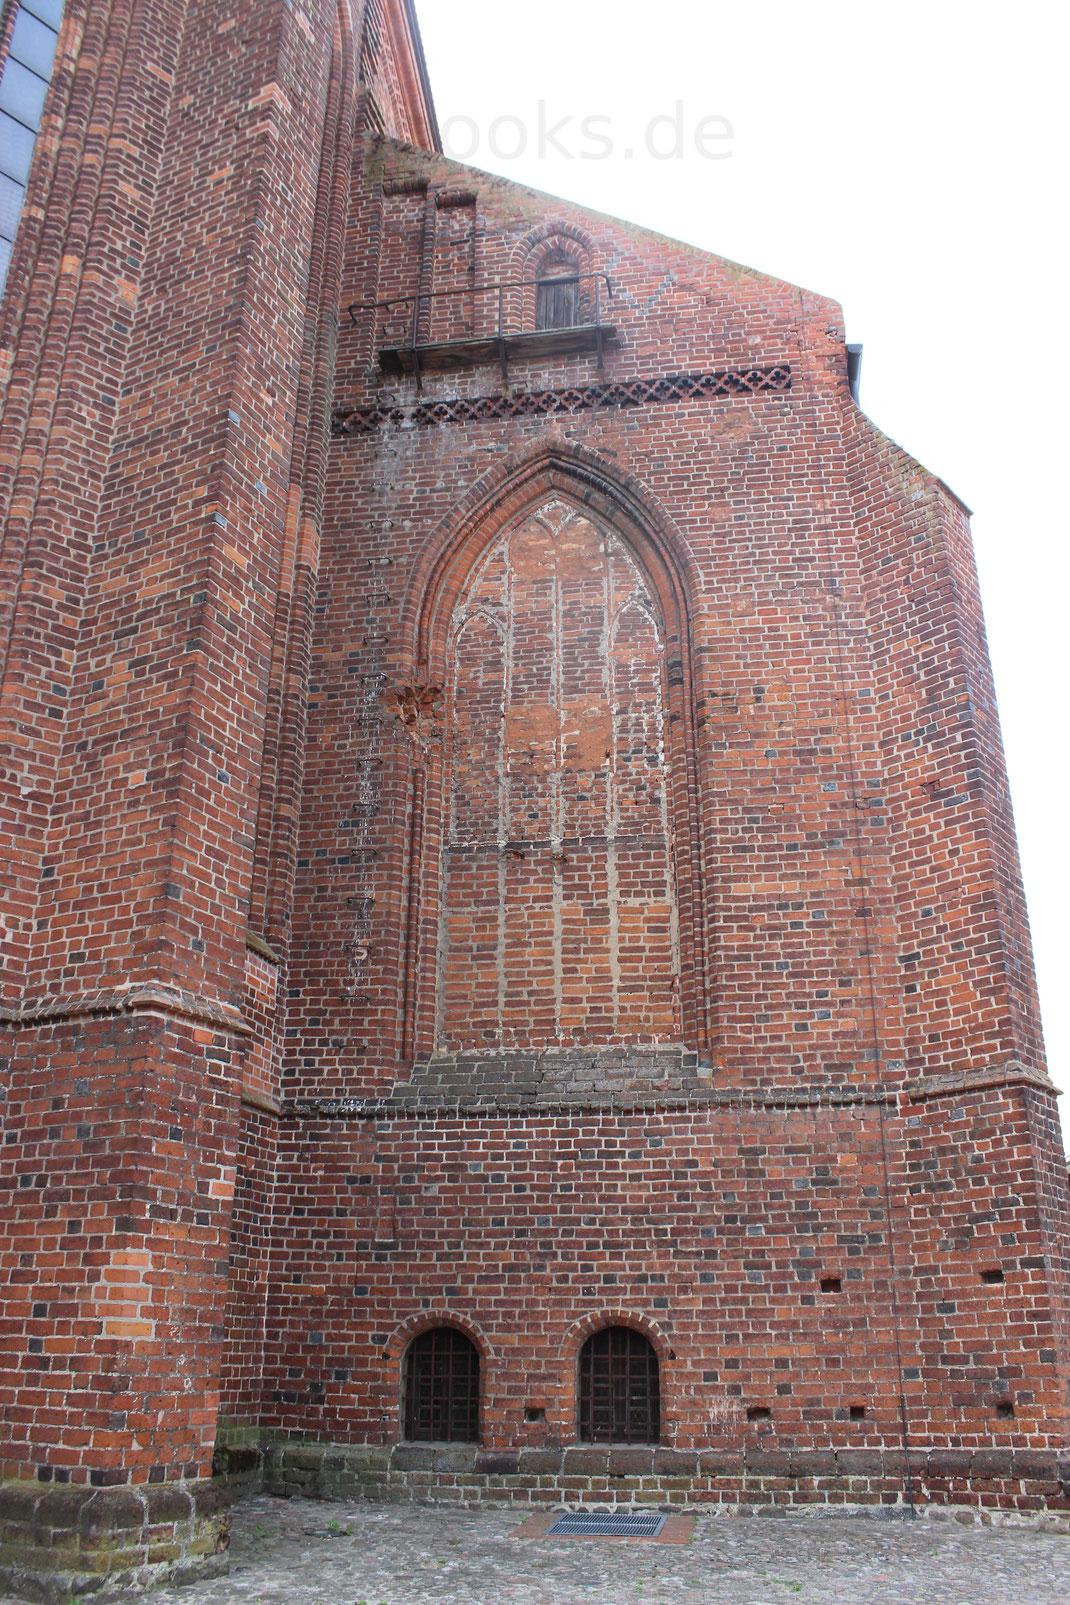 Die vierschiffige Hallenkirche wurde ab 1370 gebaut und im Zweiten Weltkrieg stark zerstört